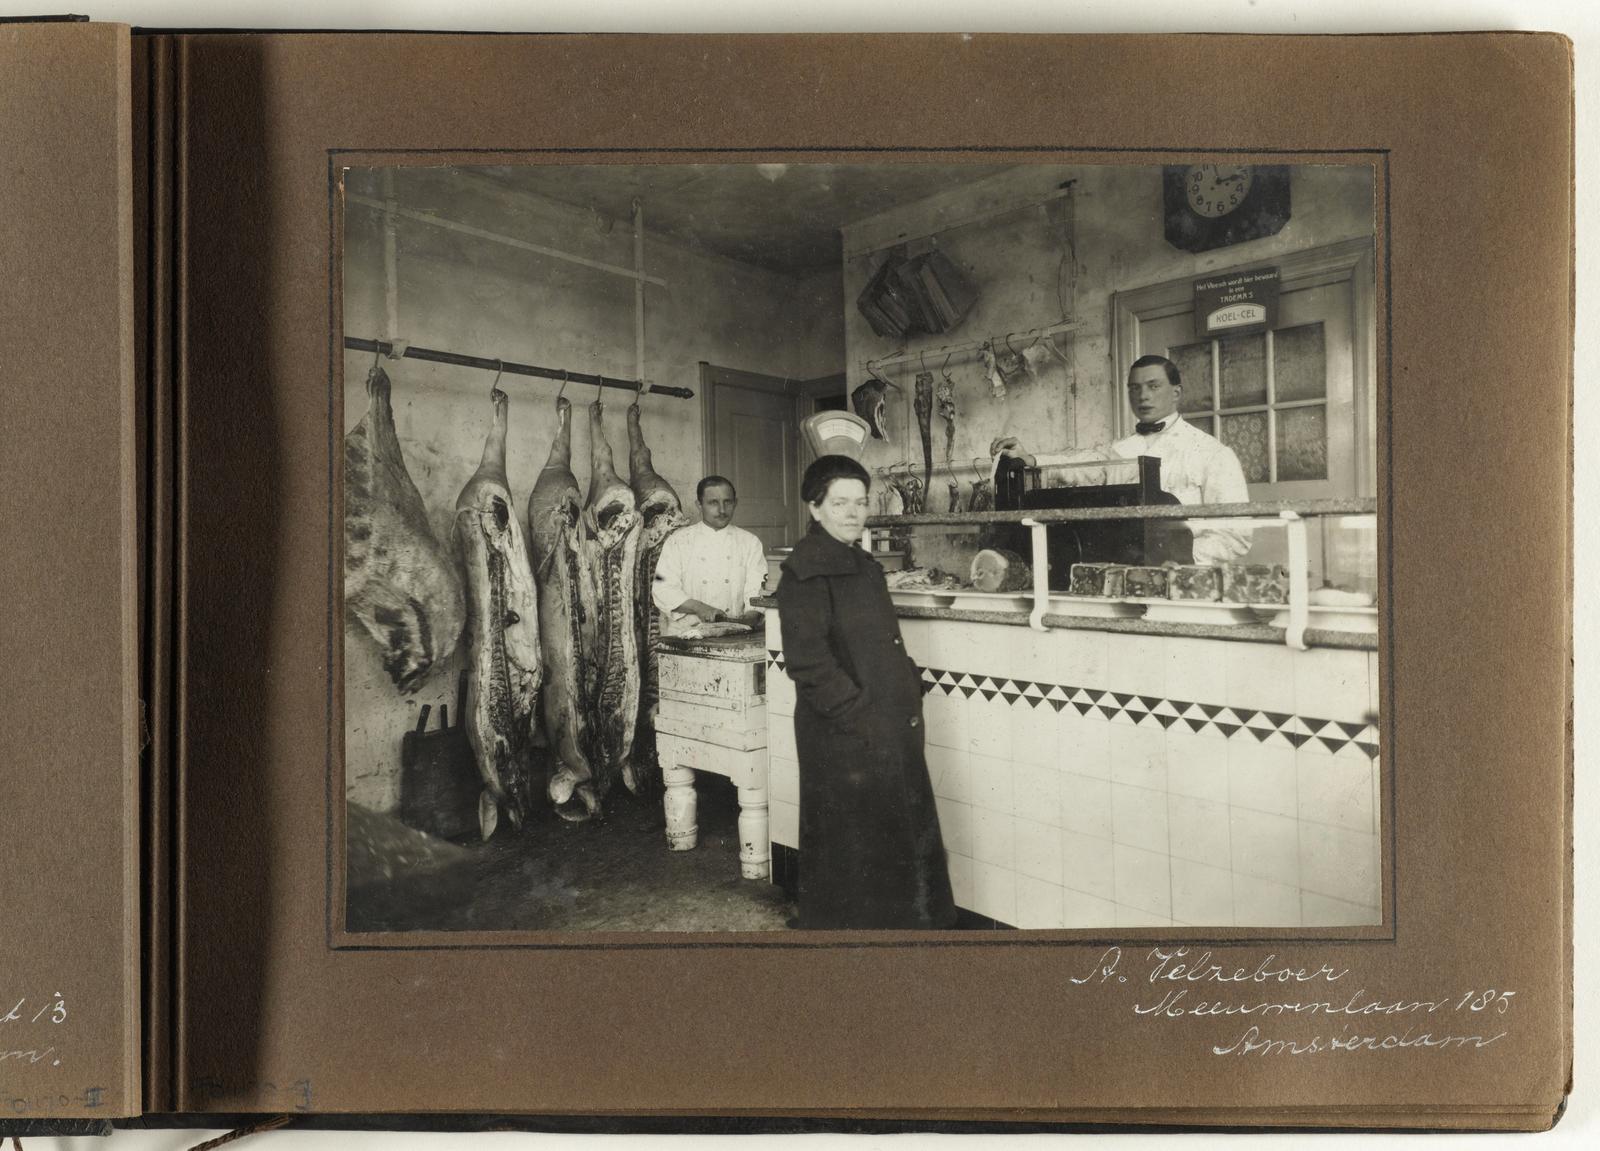 Interieur van de slagerij van A. Velzeboer, Meeuwenlaan 185 ...